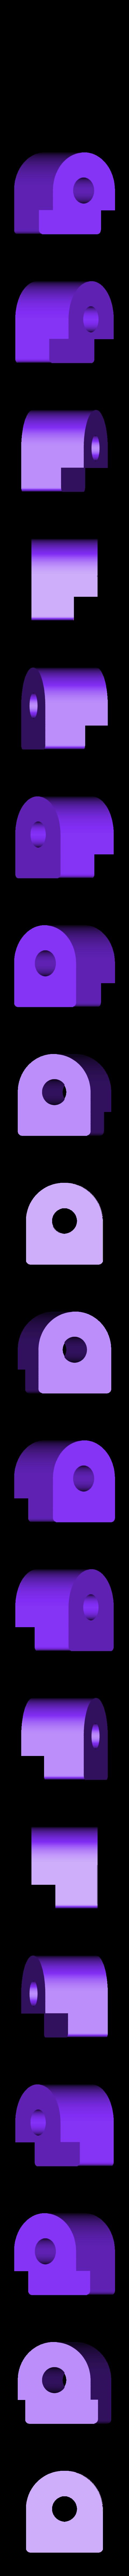 bolt_brecket1.STL Télécharger fichier STL gratuit Gobelet rotatif • Plan à imprimer en 3D, perinski